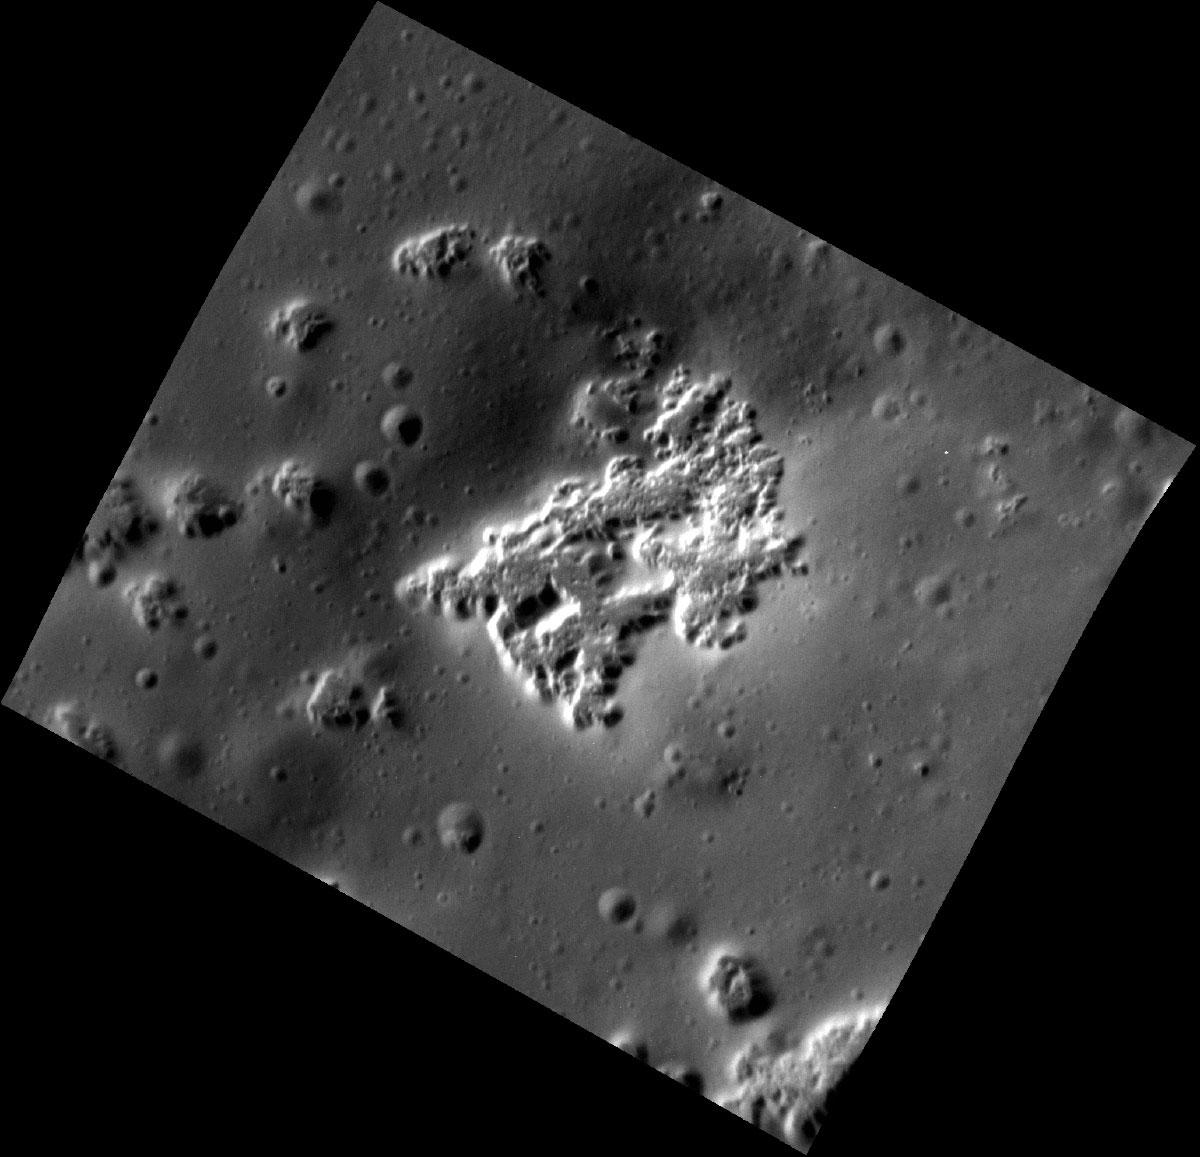 Basık alanlara ait yakın çekim görüntü. [NASA/Johns Hopkins University Applied Physics Laboratory/Carnegie Institution of Washington]